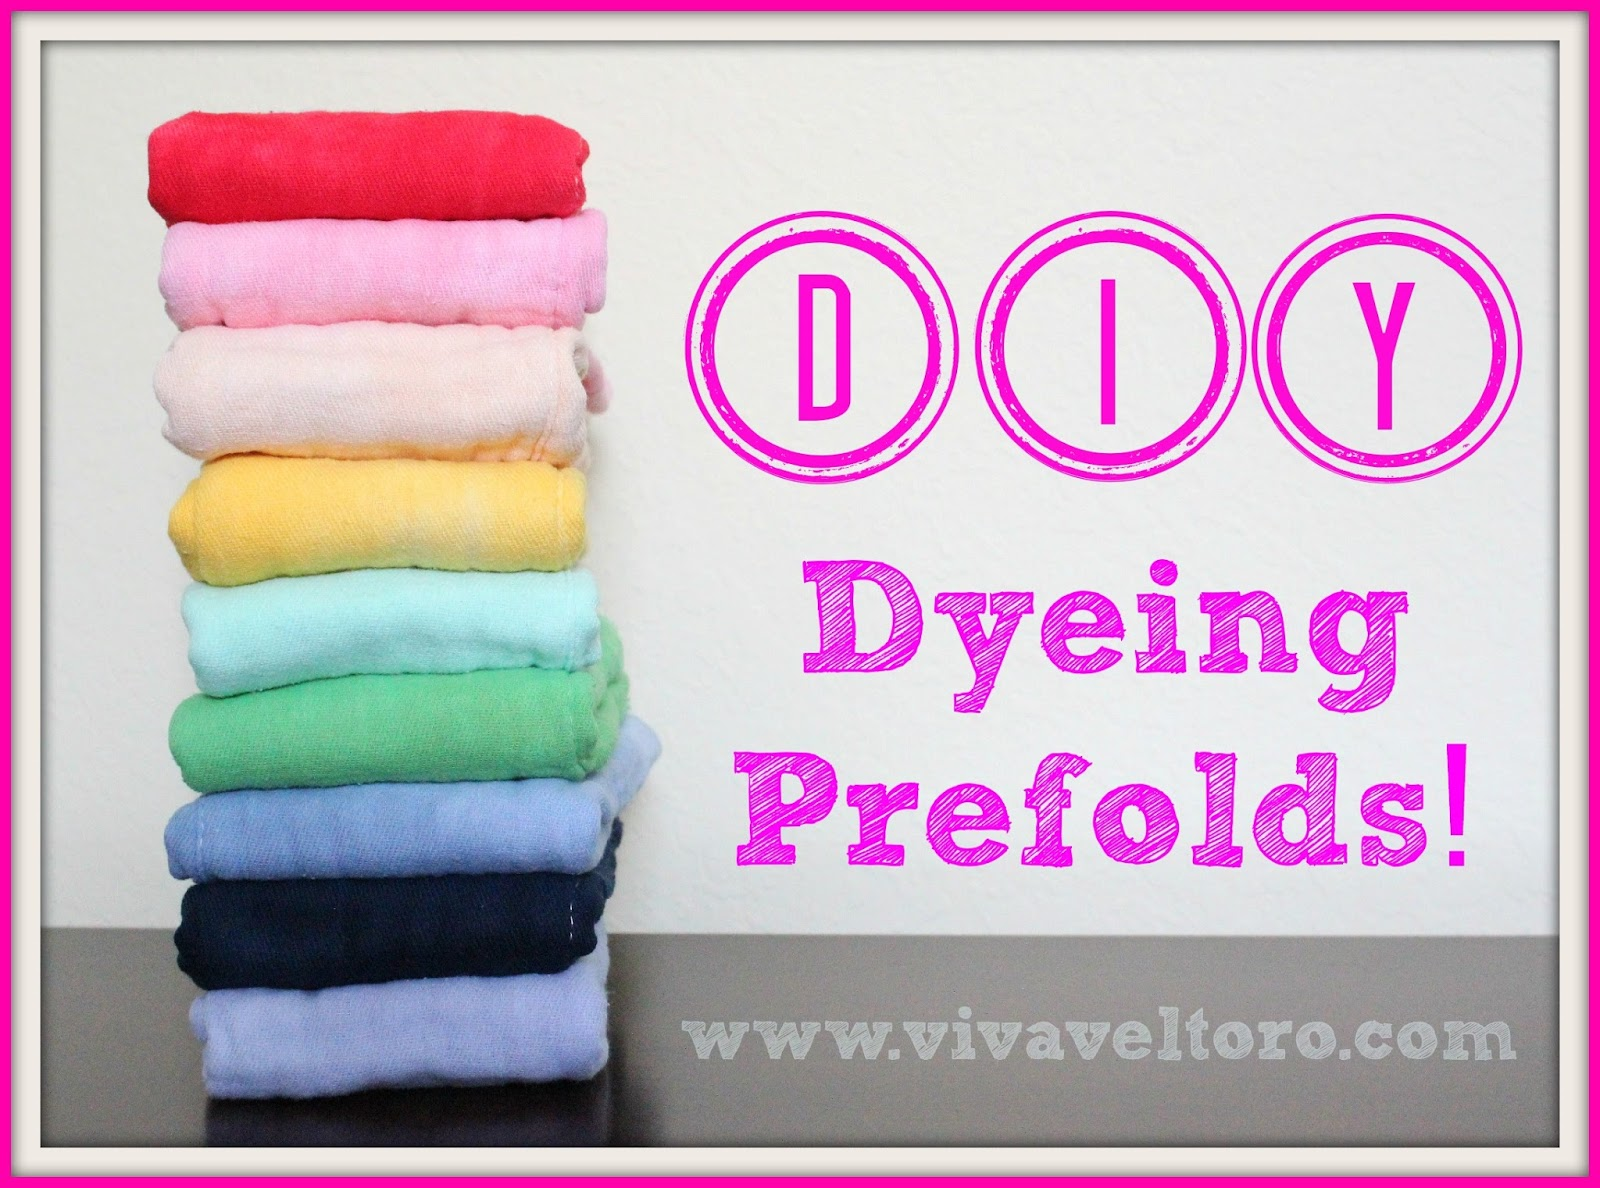 Dyeing Prefolds with Dylon Dyes! - Viva Veltoro